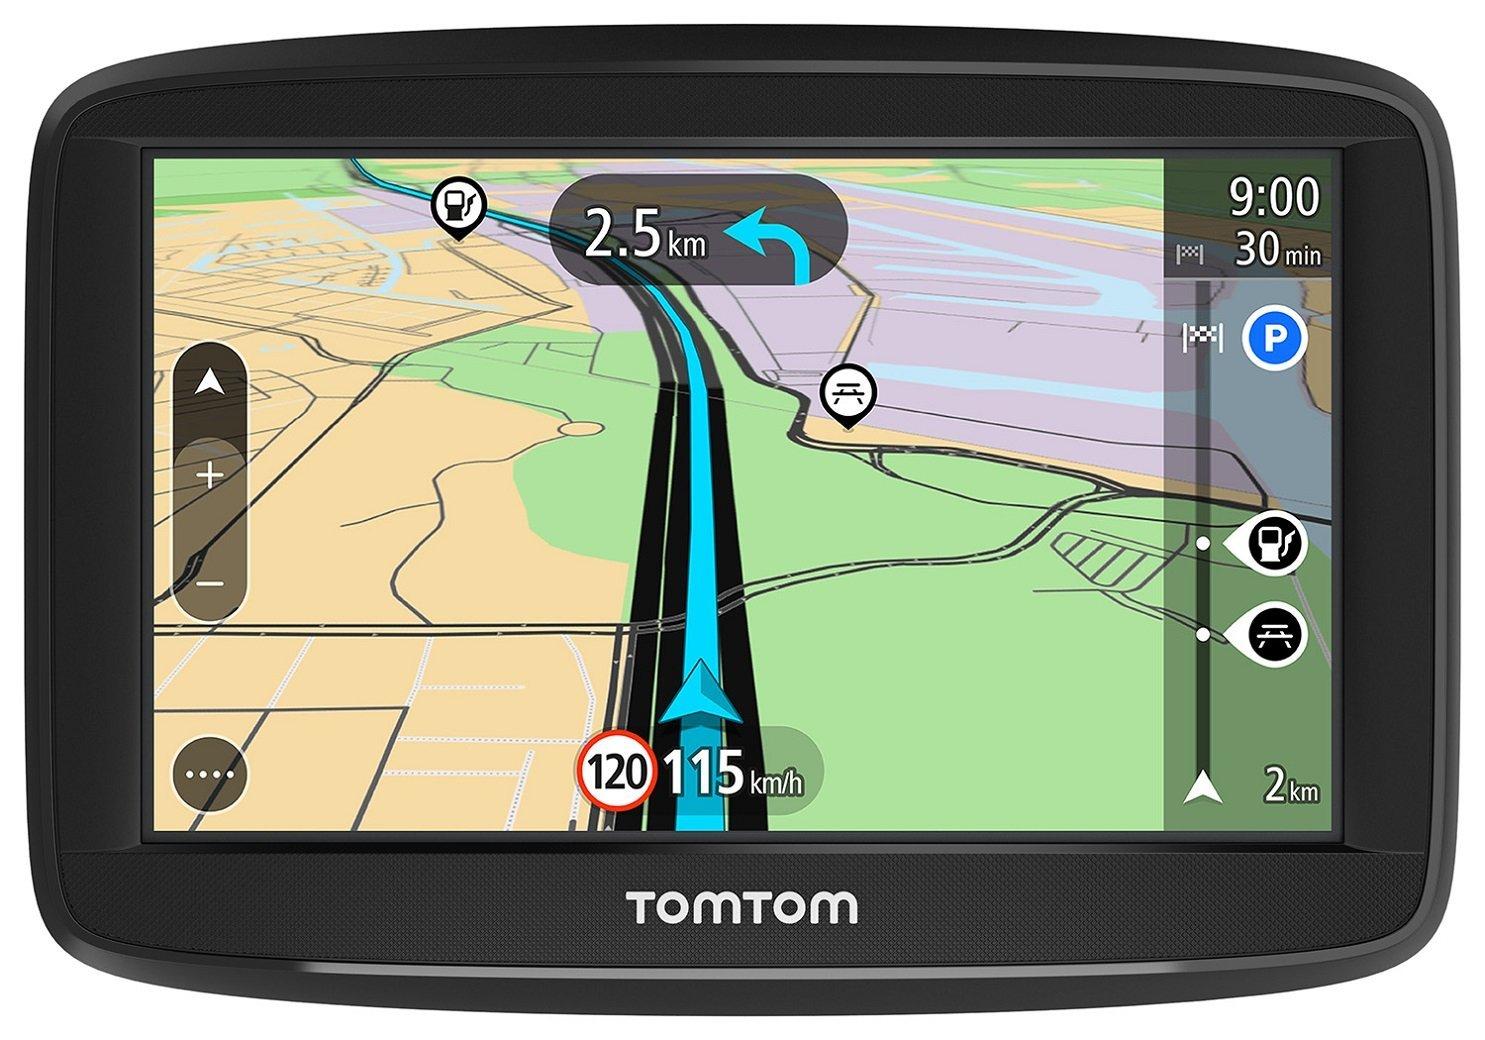 """TomTom Start 42 Europa 45 GPS per Auto, Display da 4.32"""", Mappe a Vita, Indicatore di Corsia Avanzato, 3 Mesi Tutor&Autovelox, Aggiornamenti Software Gratuiti,Nero/Antracite Display da 4.32"""" 1AA4.002.00 autostrada fila"""